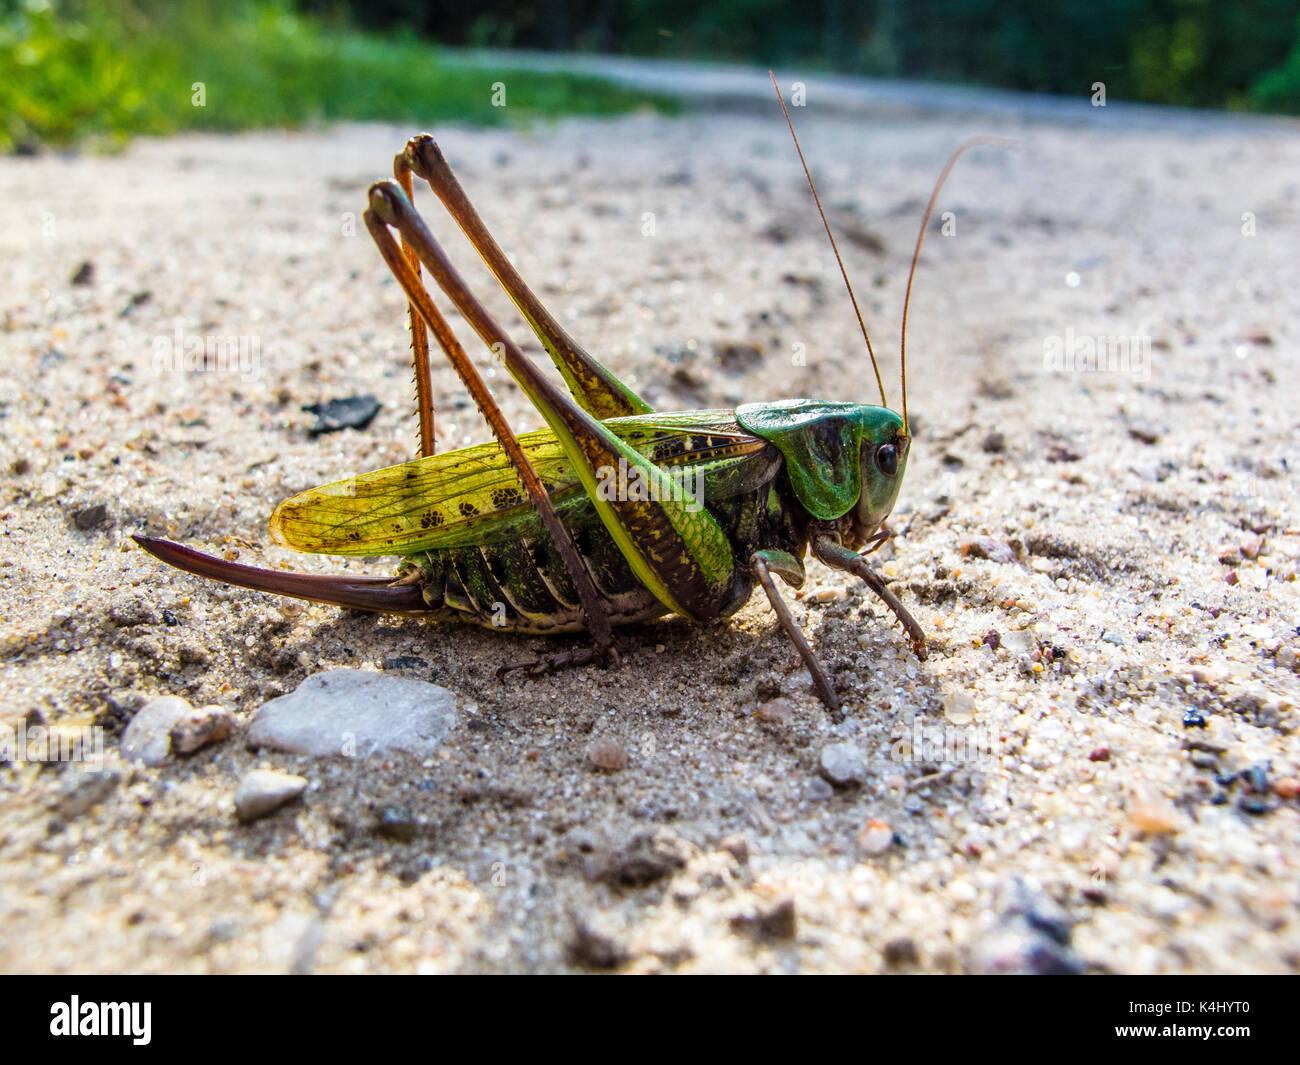 Sehr große Heuschrecke, Farbe grün Stockfoto